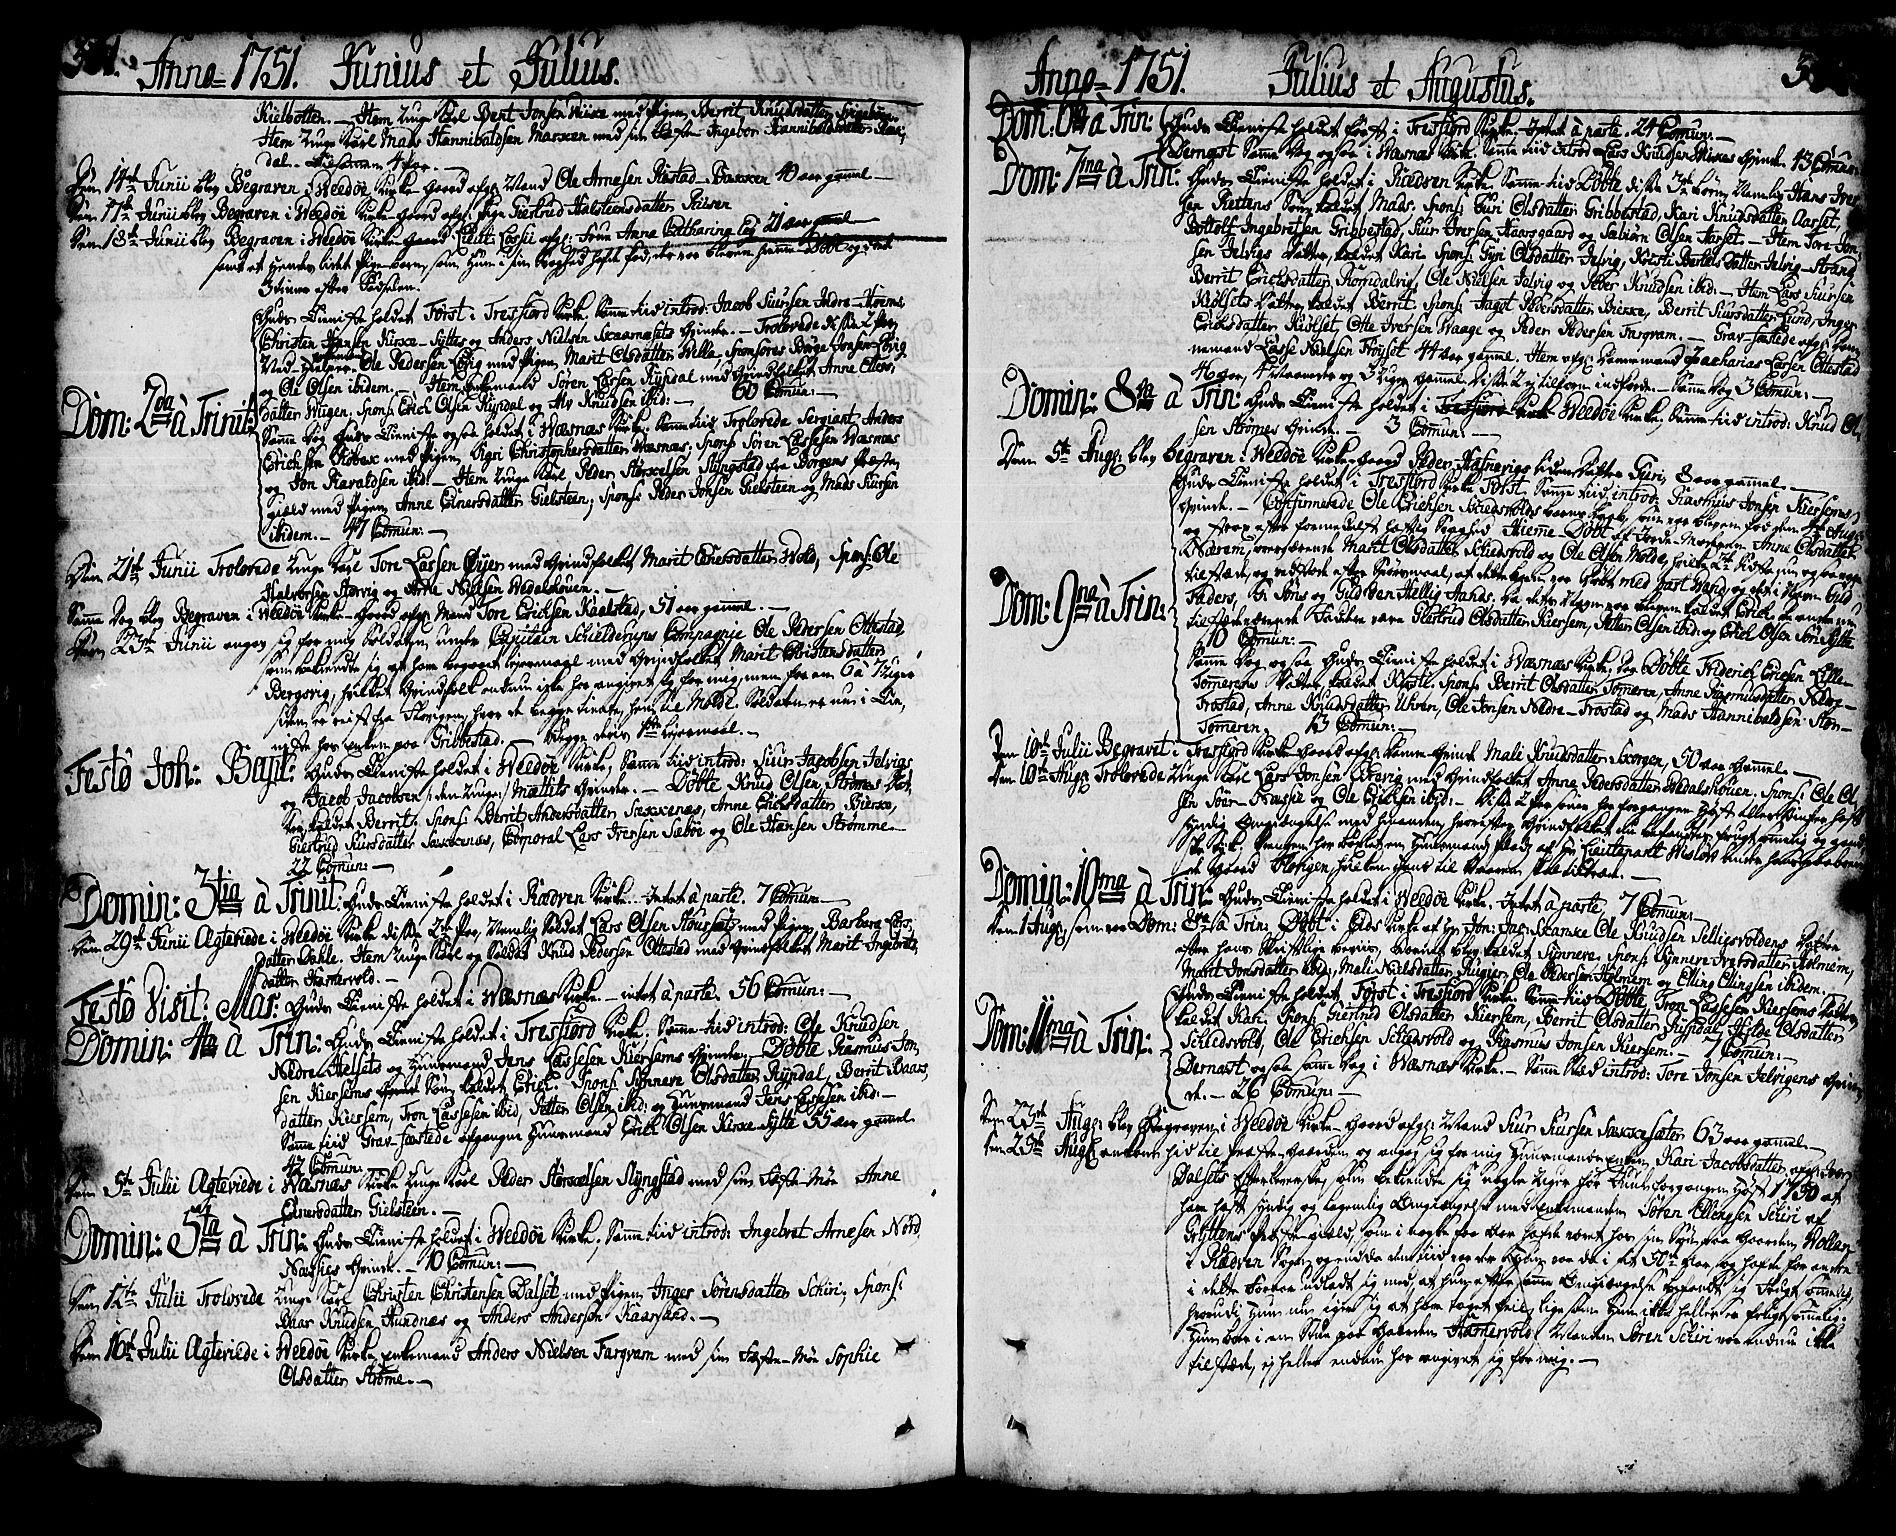 SAT, Ministerialprotokoller, klokkerbøker og fødselsregistre - Møre og Romsdal, 547/L0599: Ministerialbok nr. 547A01, 1721-1764, s. 341-342